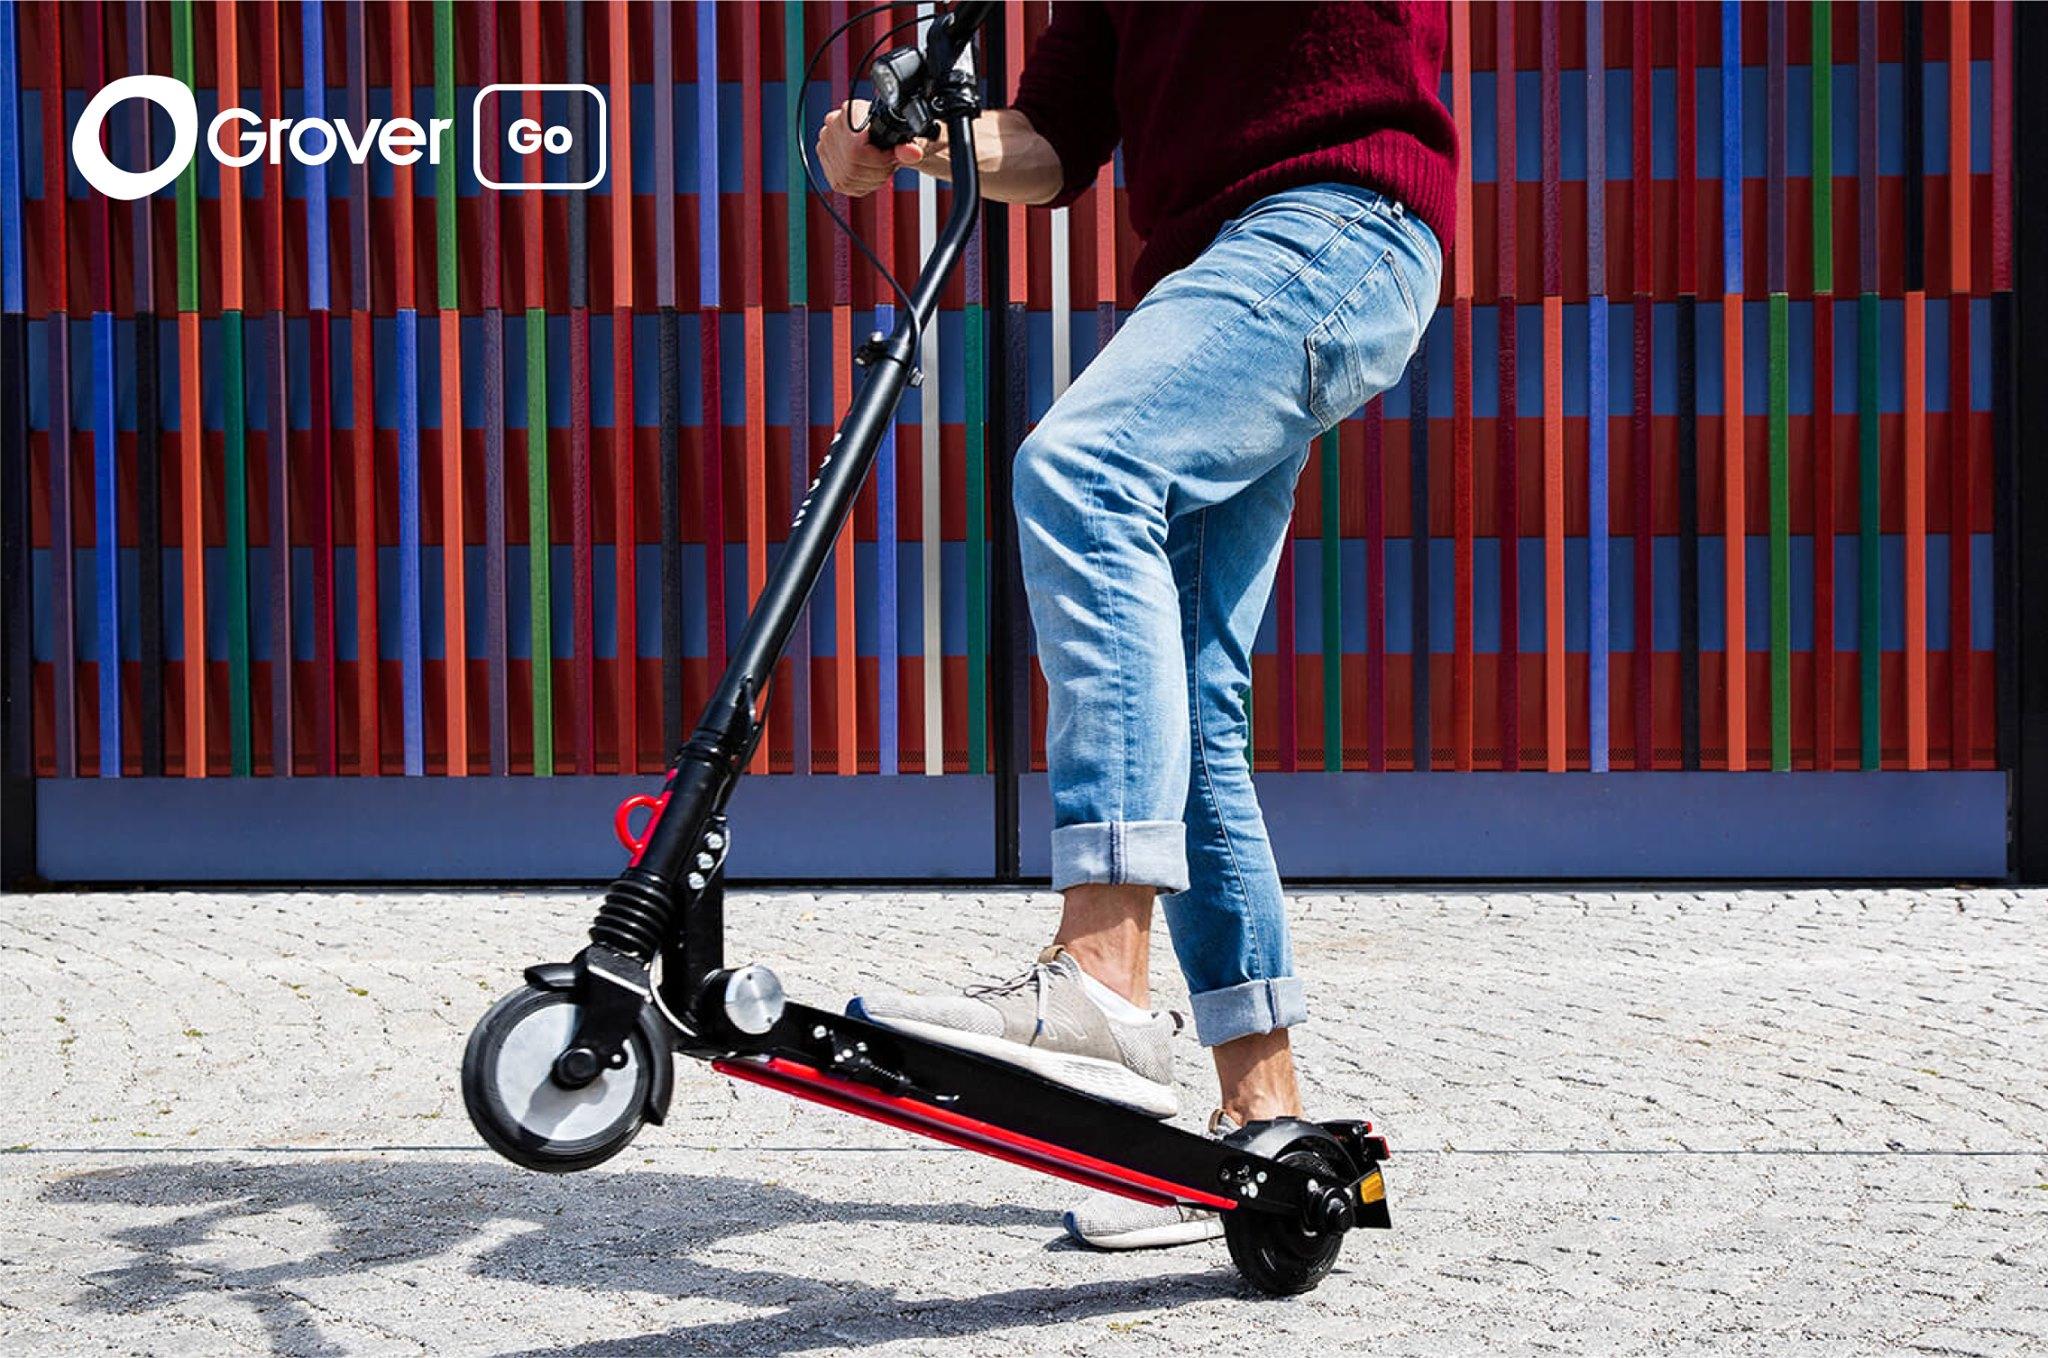 [GROVER] 1 Monat E-Scooter mit Straßenzulassung mieten! (Neu,-Bestandskunden, keine Mindestlaufzeit) + Grover Care